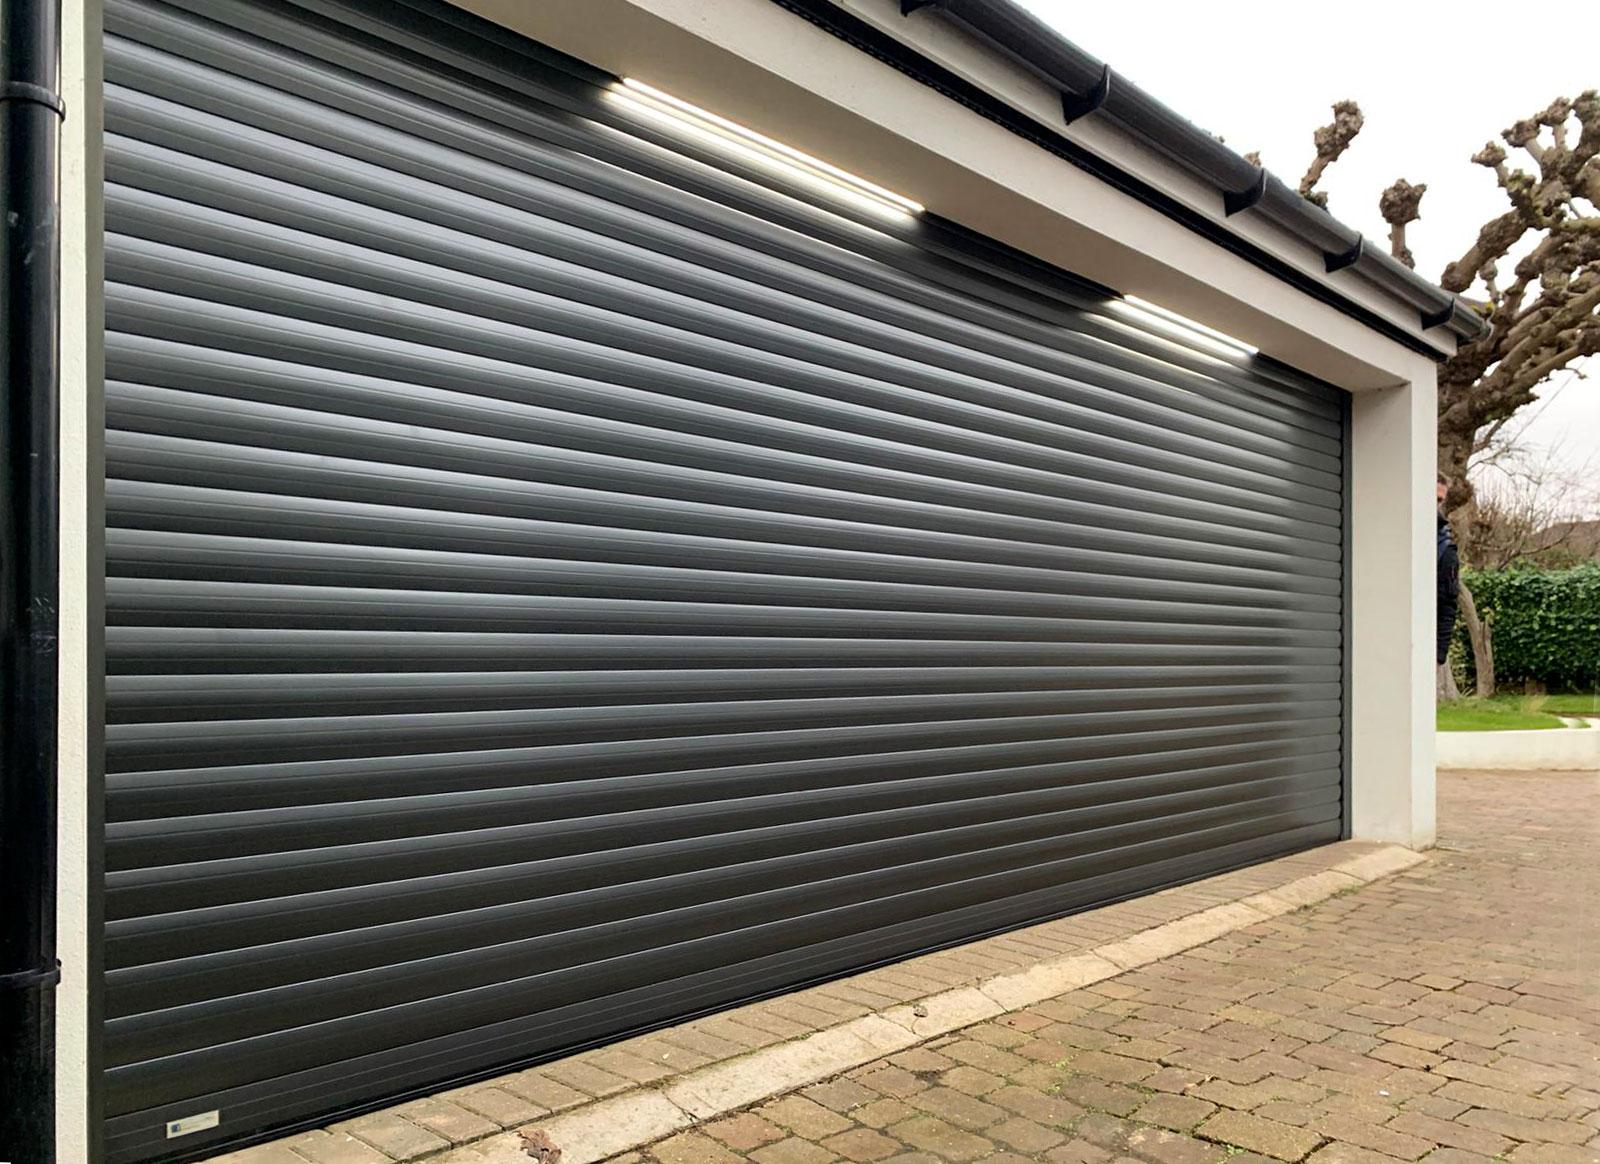 SWS Seceuroglide Classic Roller Garage door in Graphite